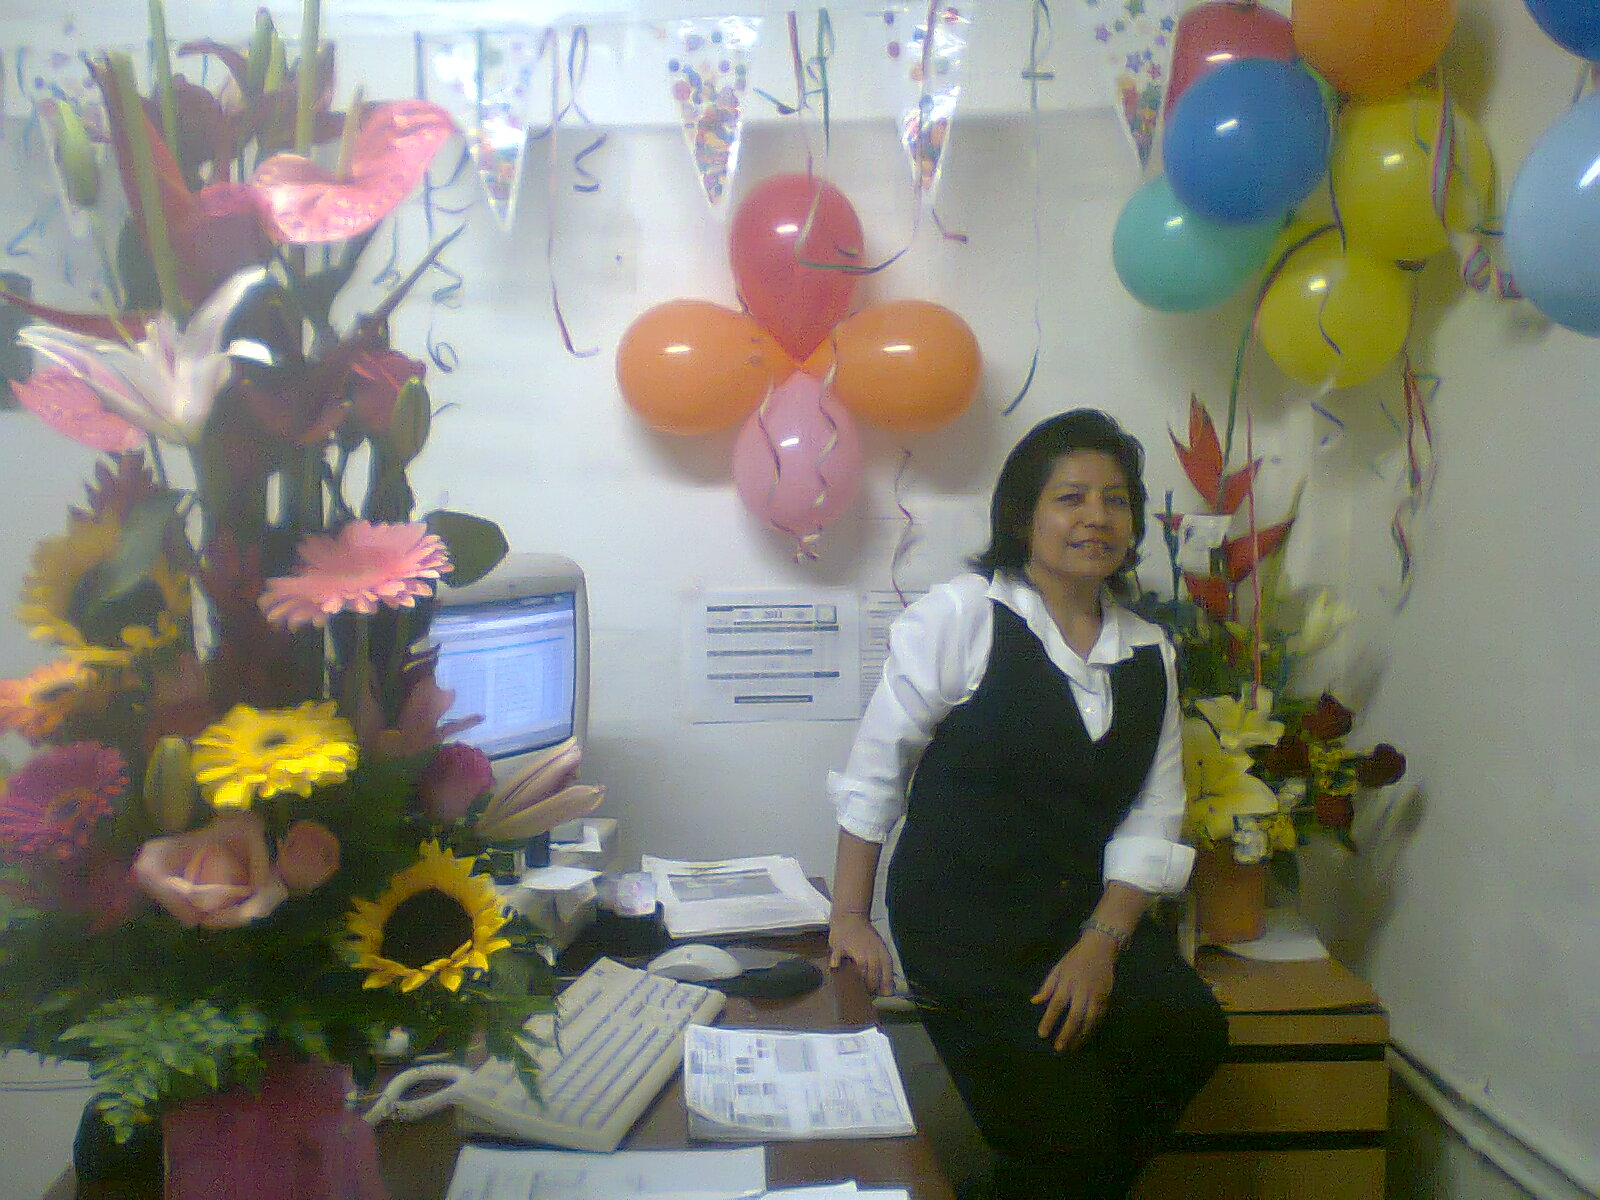 Escribamos el diario vivir festejando mi cumplea os 45 for Arreglos para escritorios oficina